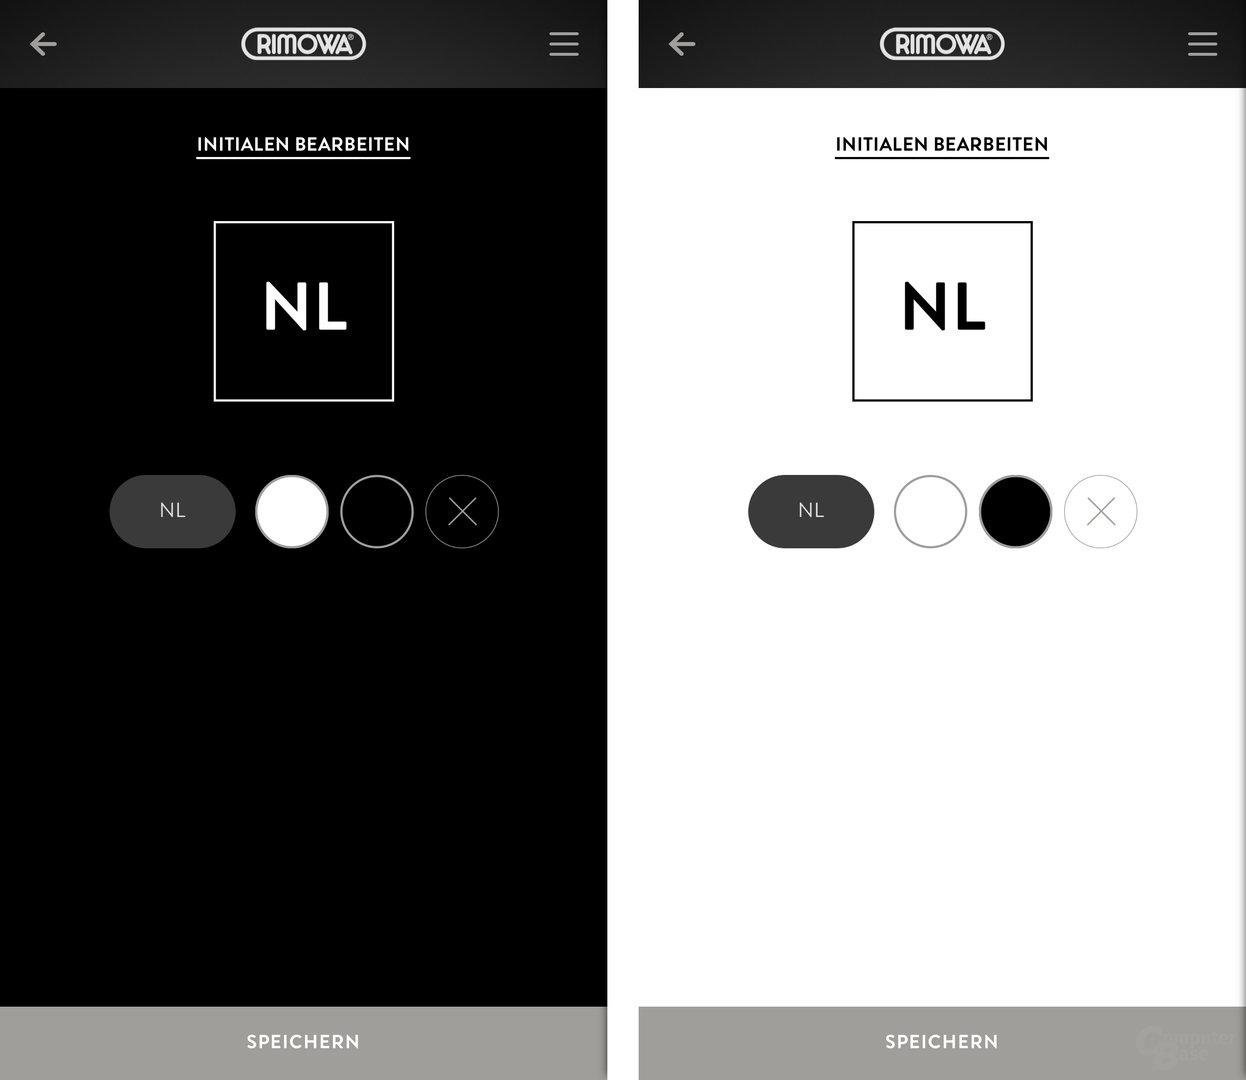 Die Initialen können in Weiß auf Schwarz oder umgekehrt genutzt werden